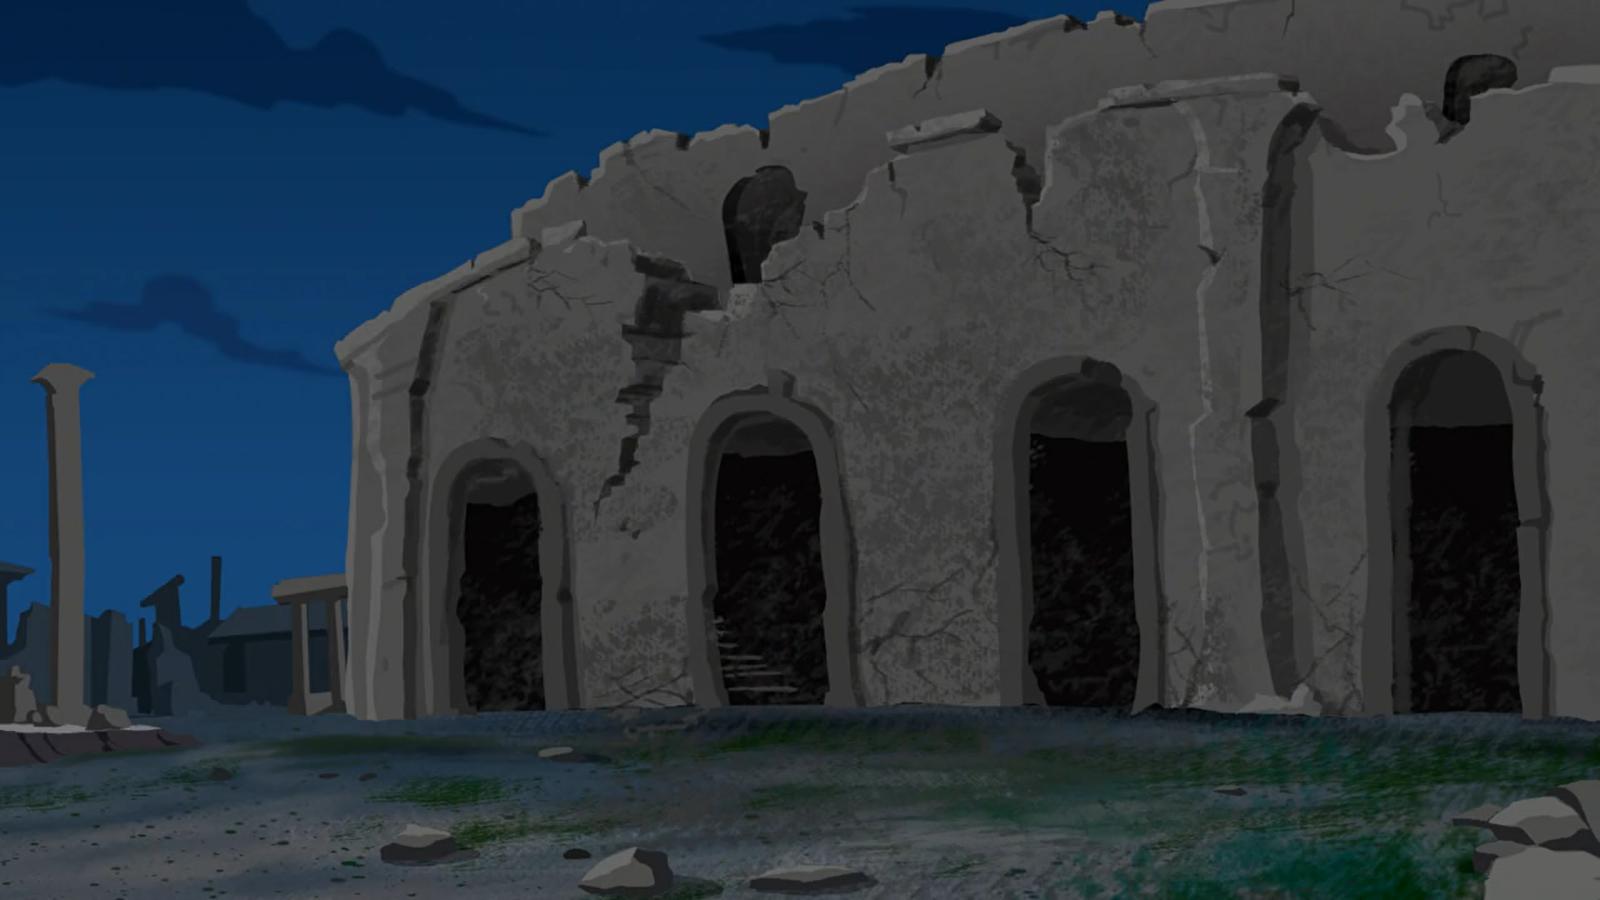 File:Pompeii Colloseum.png